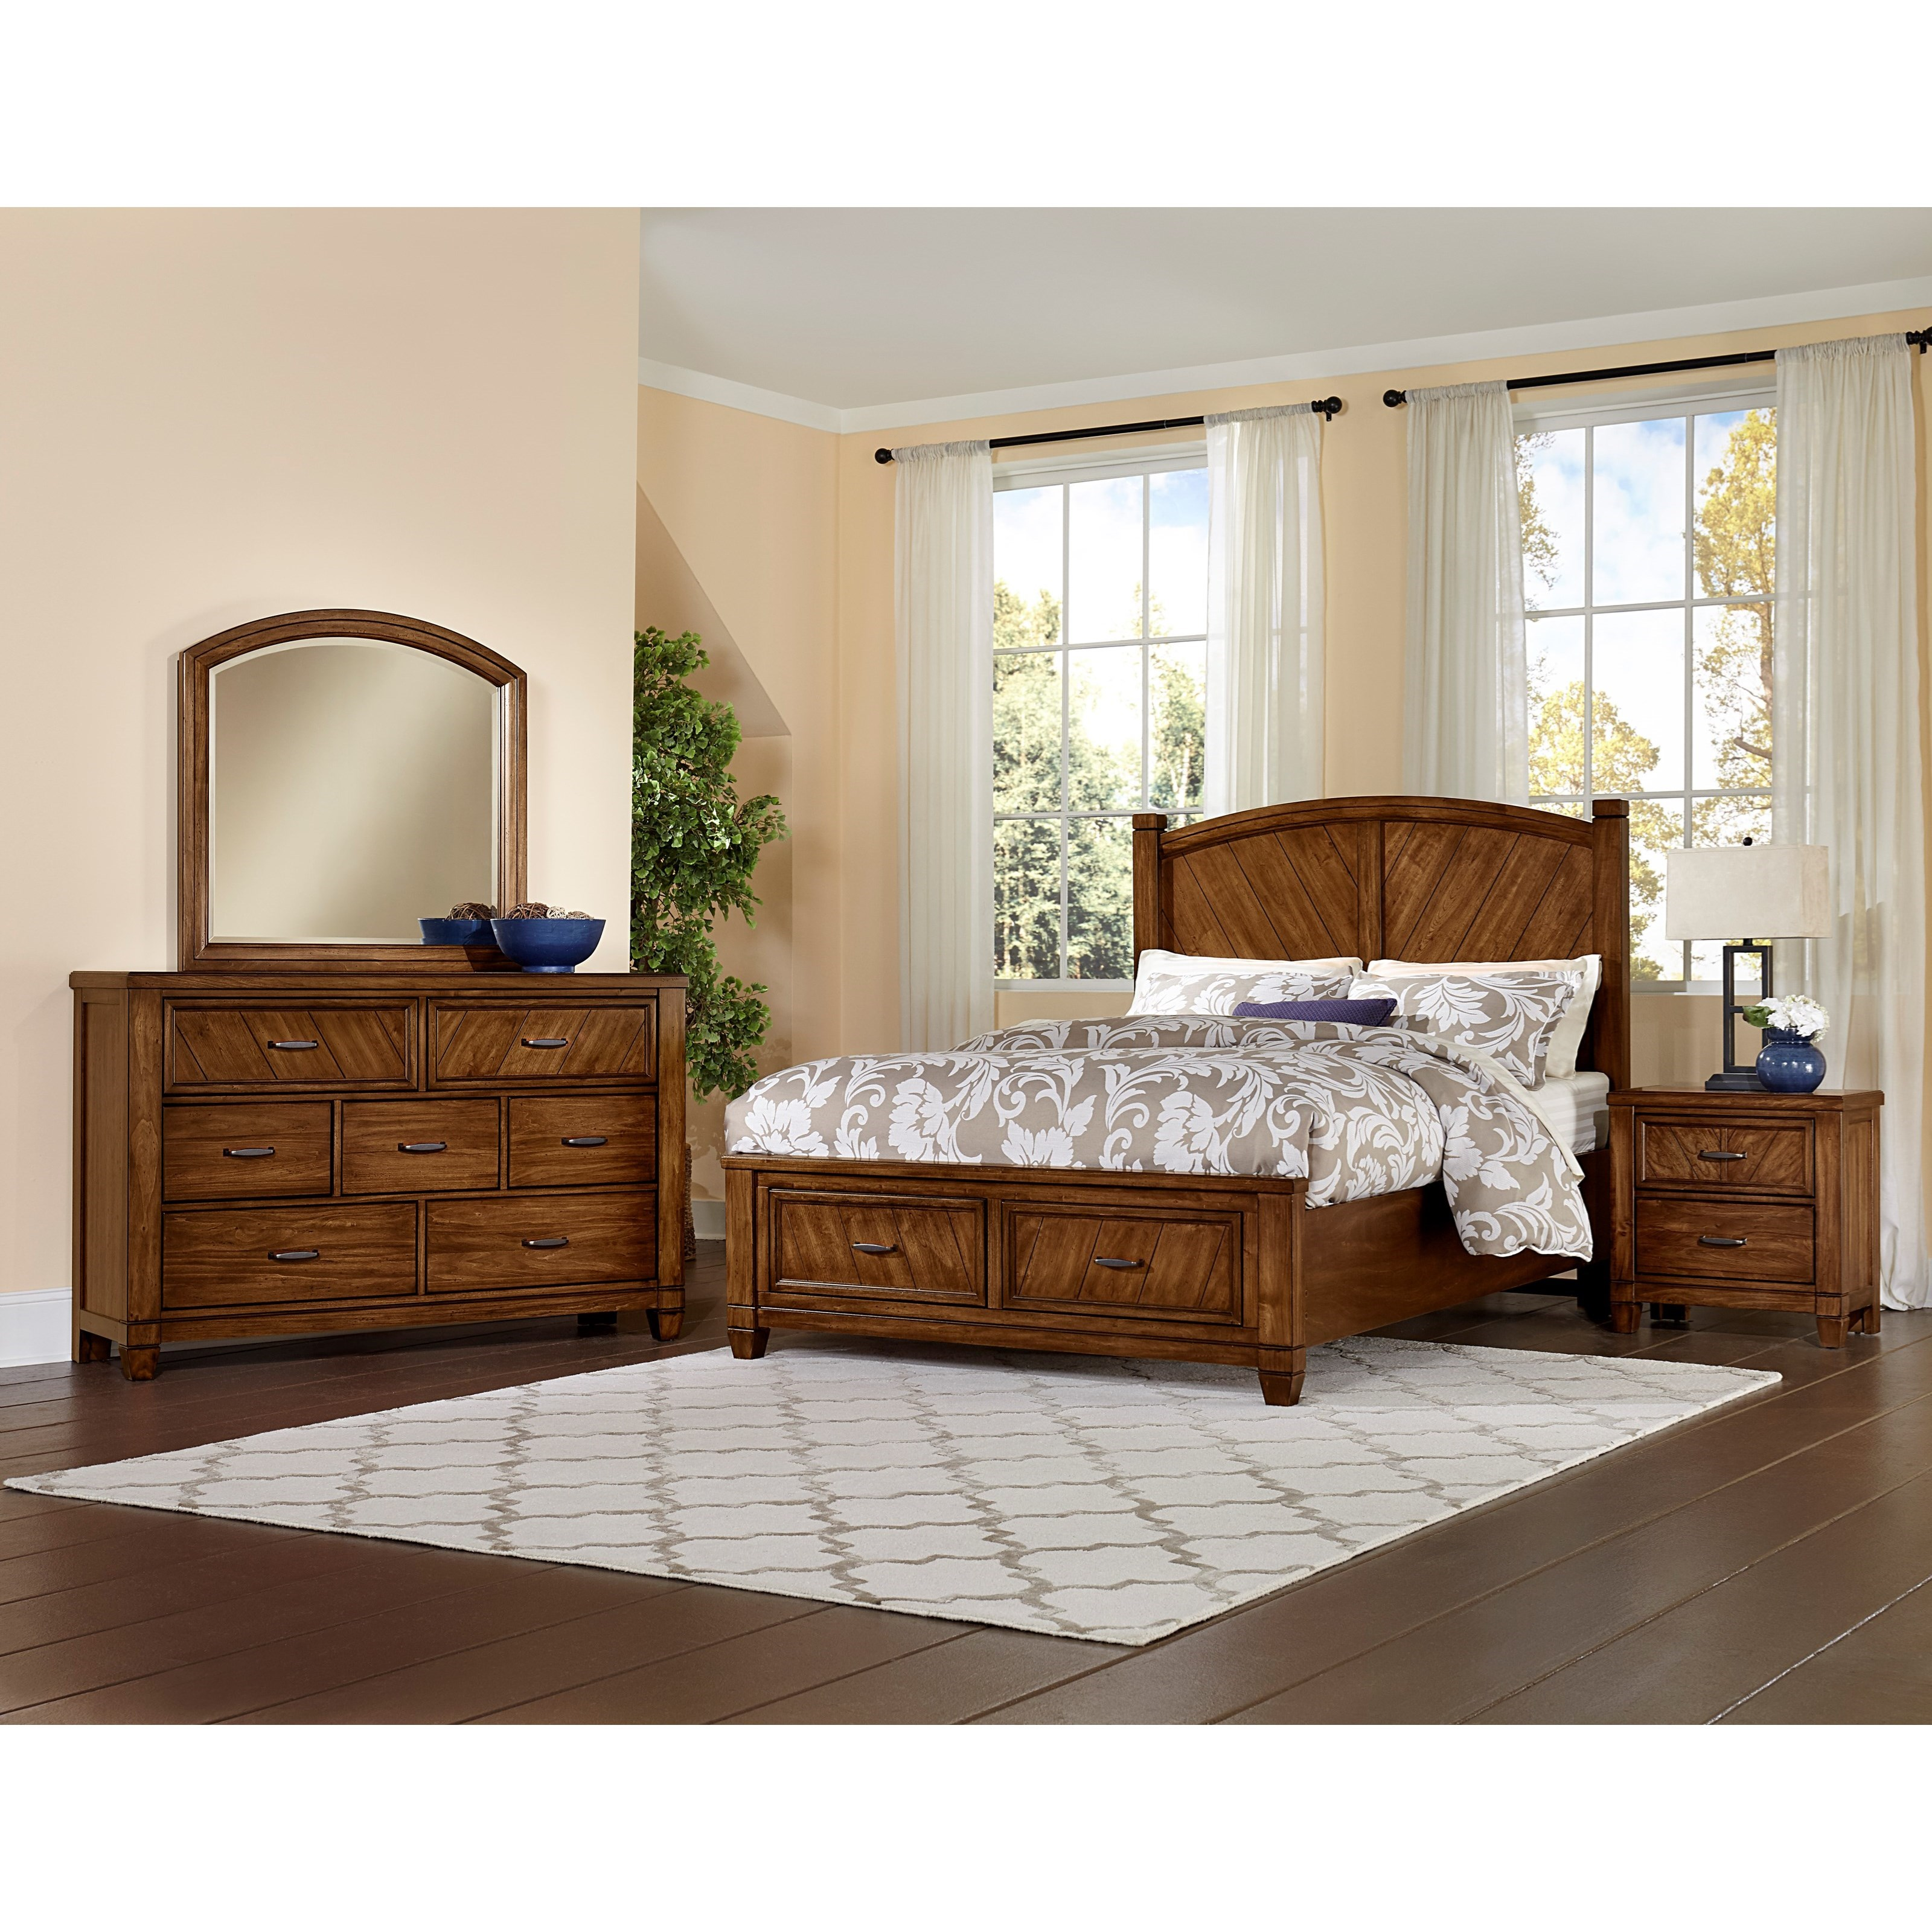 Vaughan bassett rustic cottage queen bedroom group for Rustic cottage bedroom